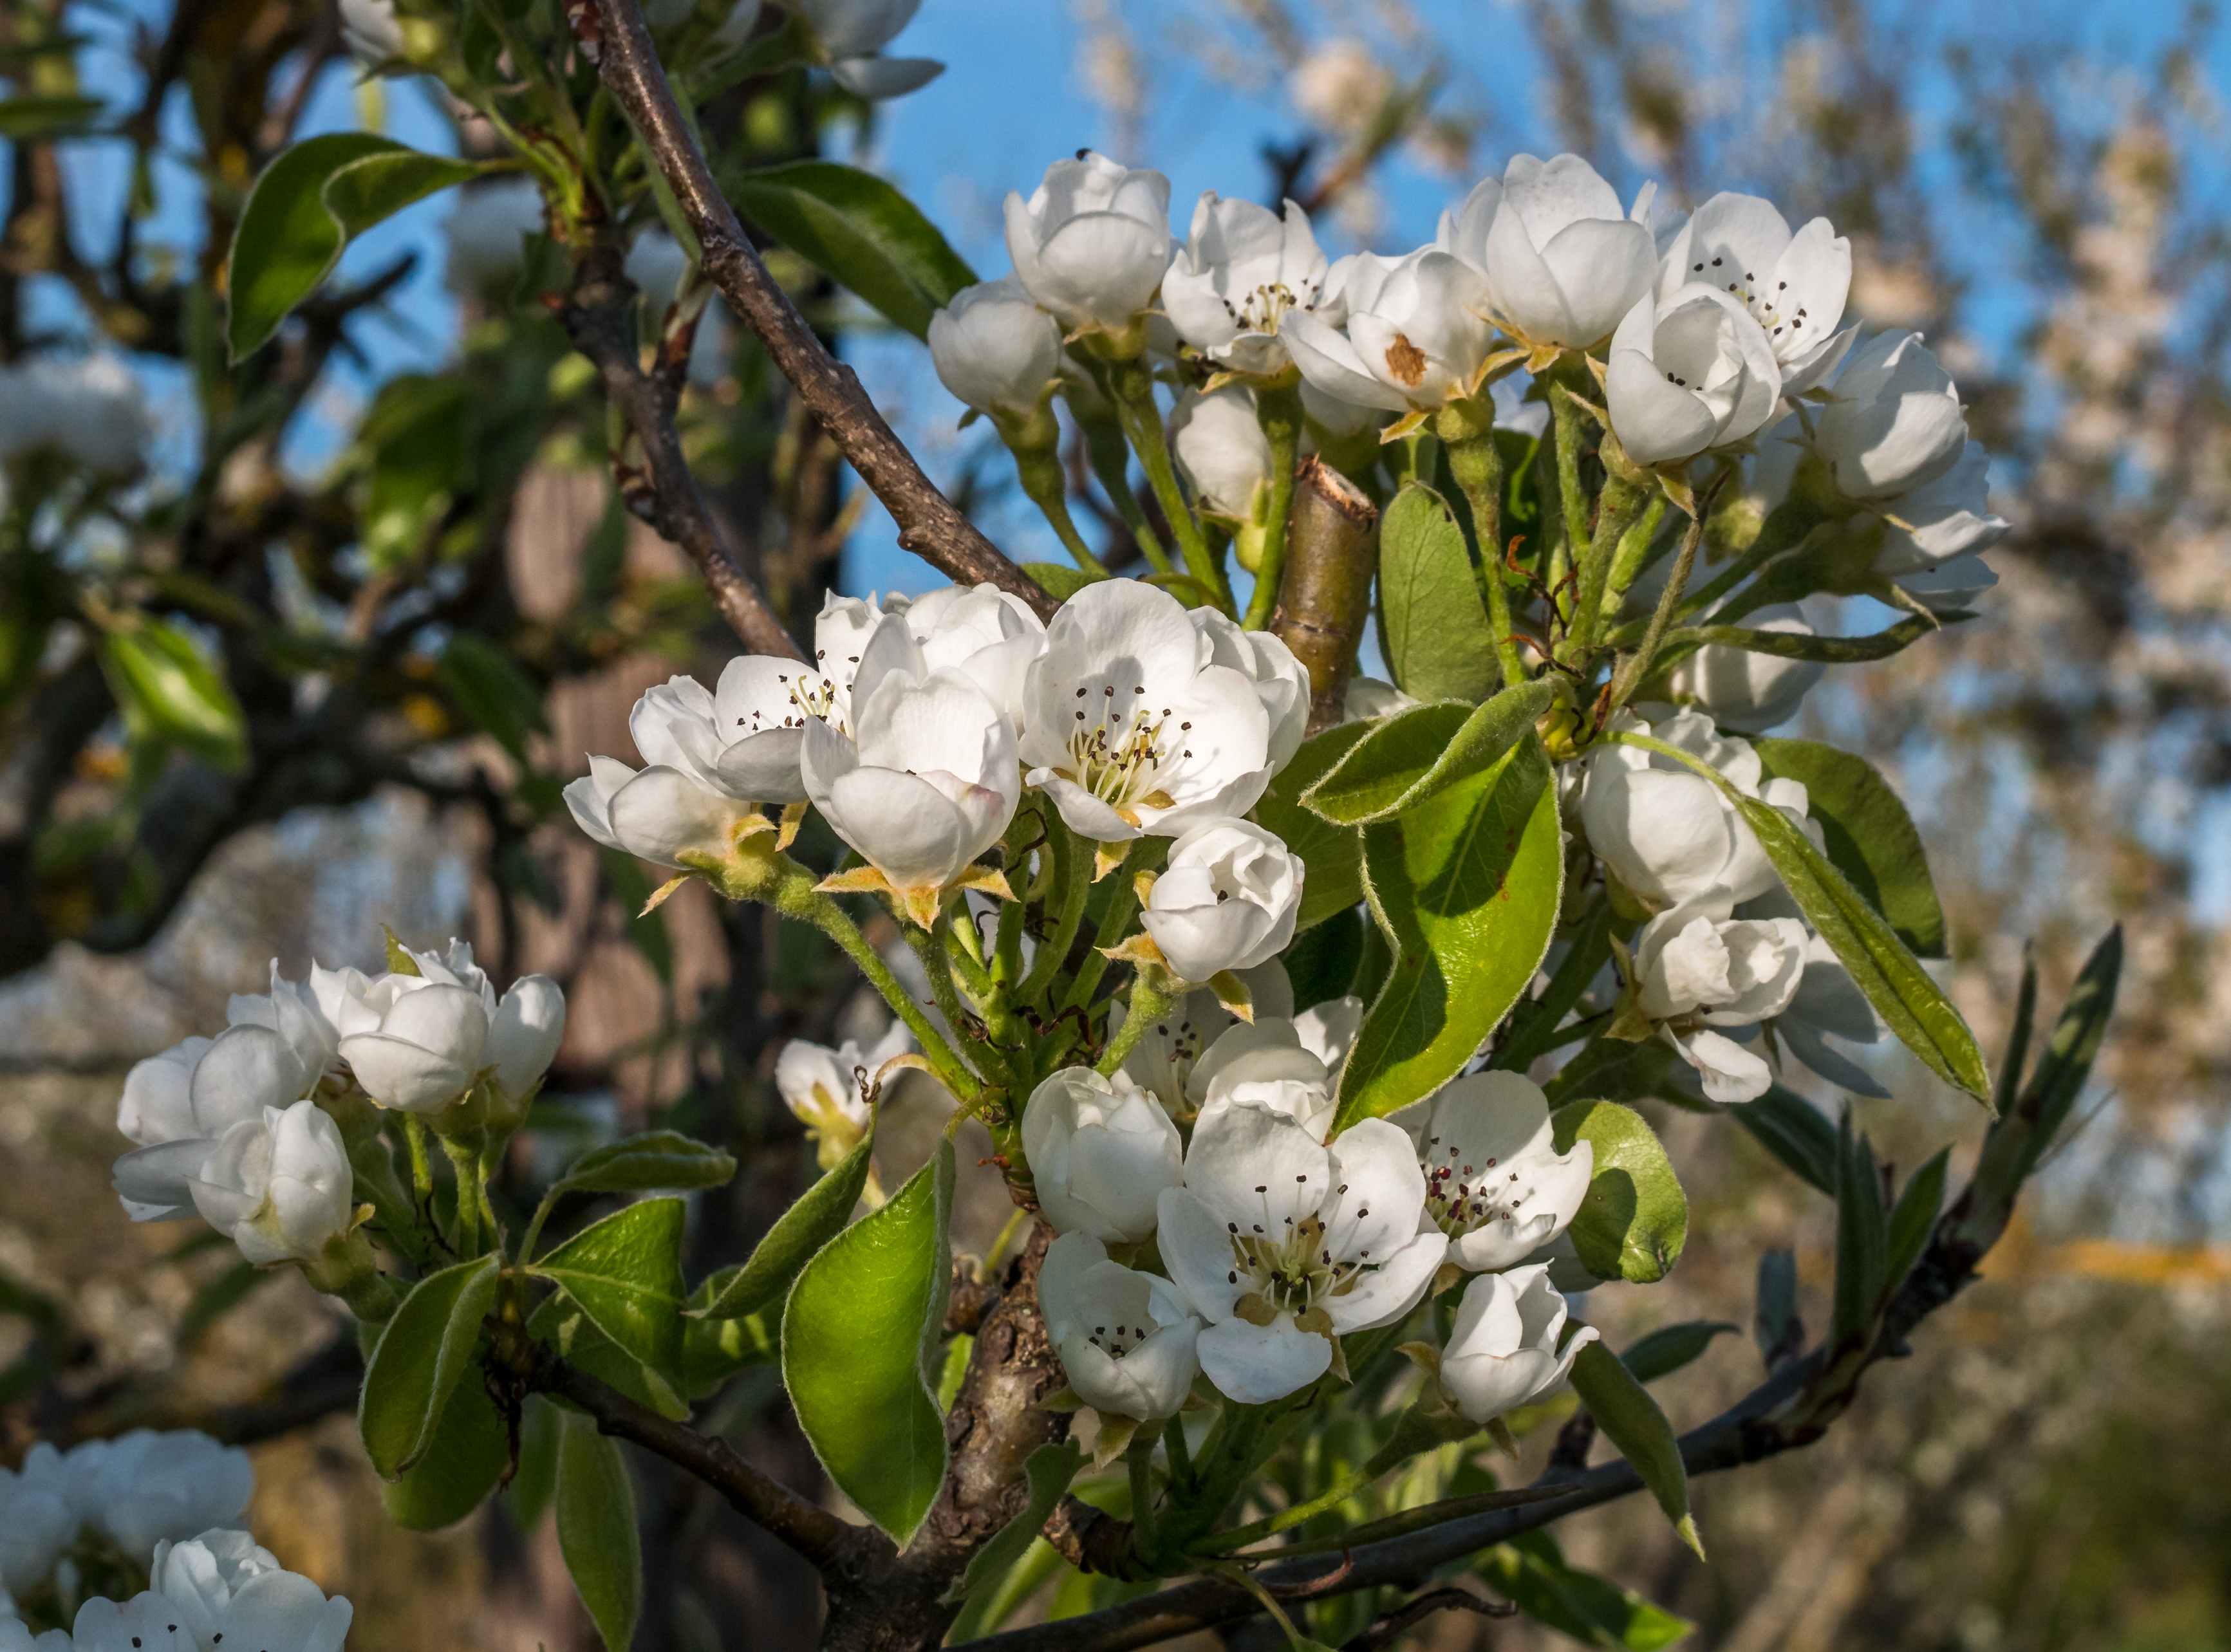 Flores y hojas del peral el árbol de la pera